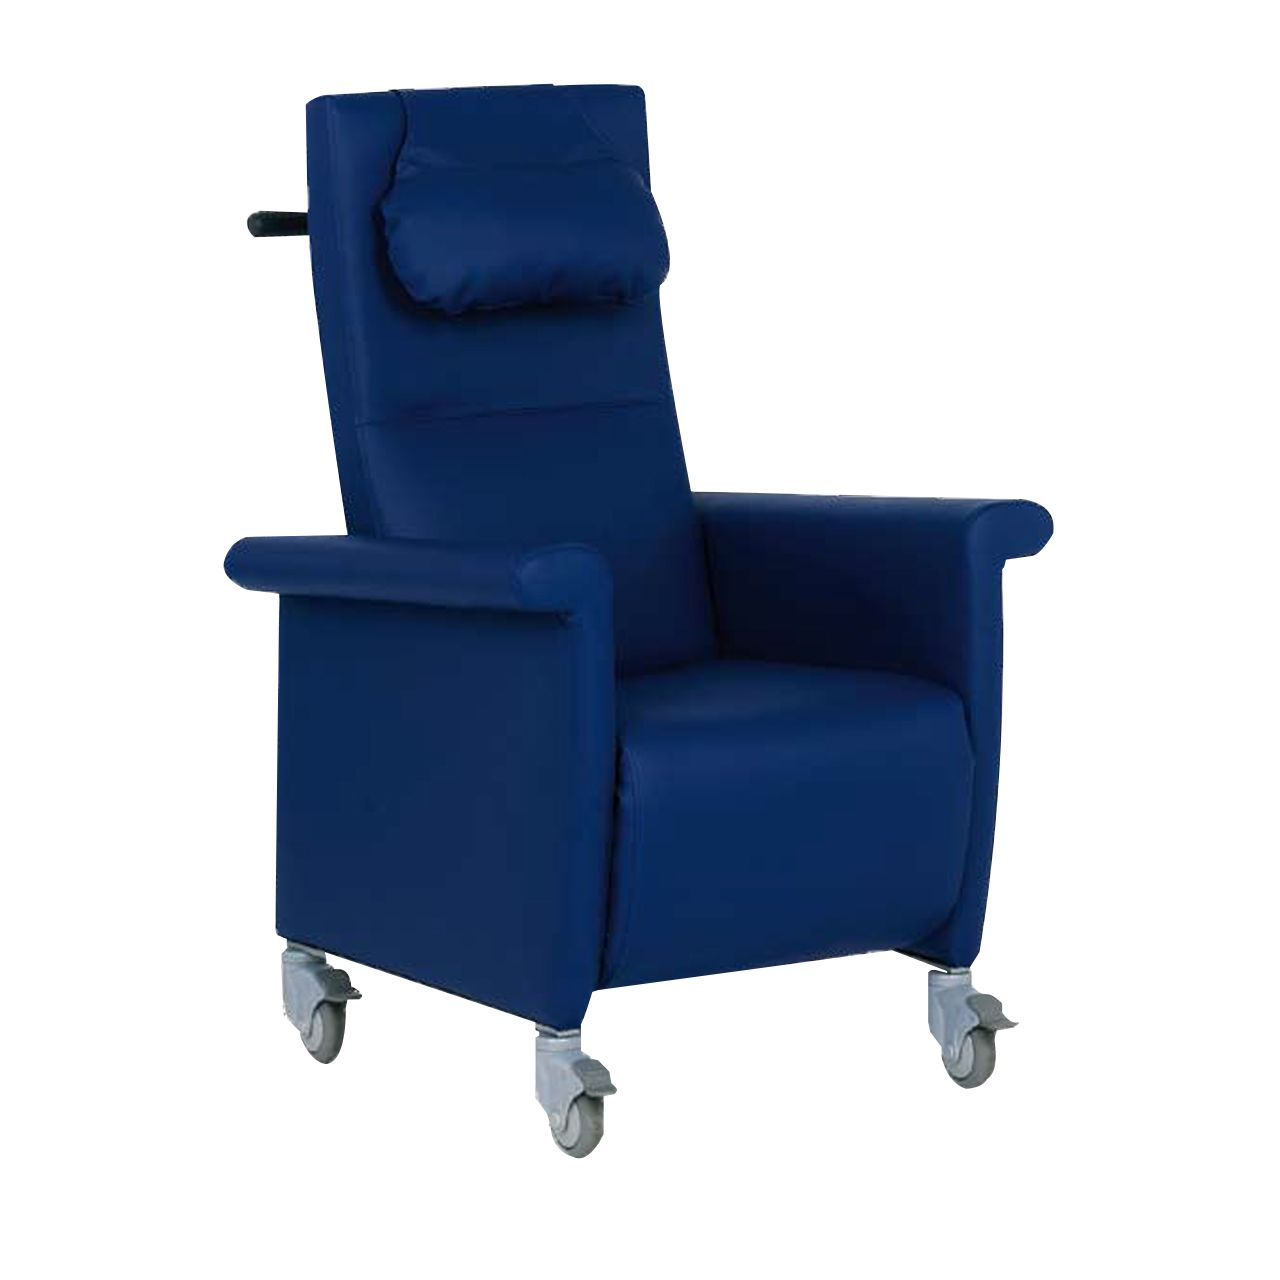 comfort senior 1 stoelen zorg voorkant